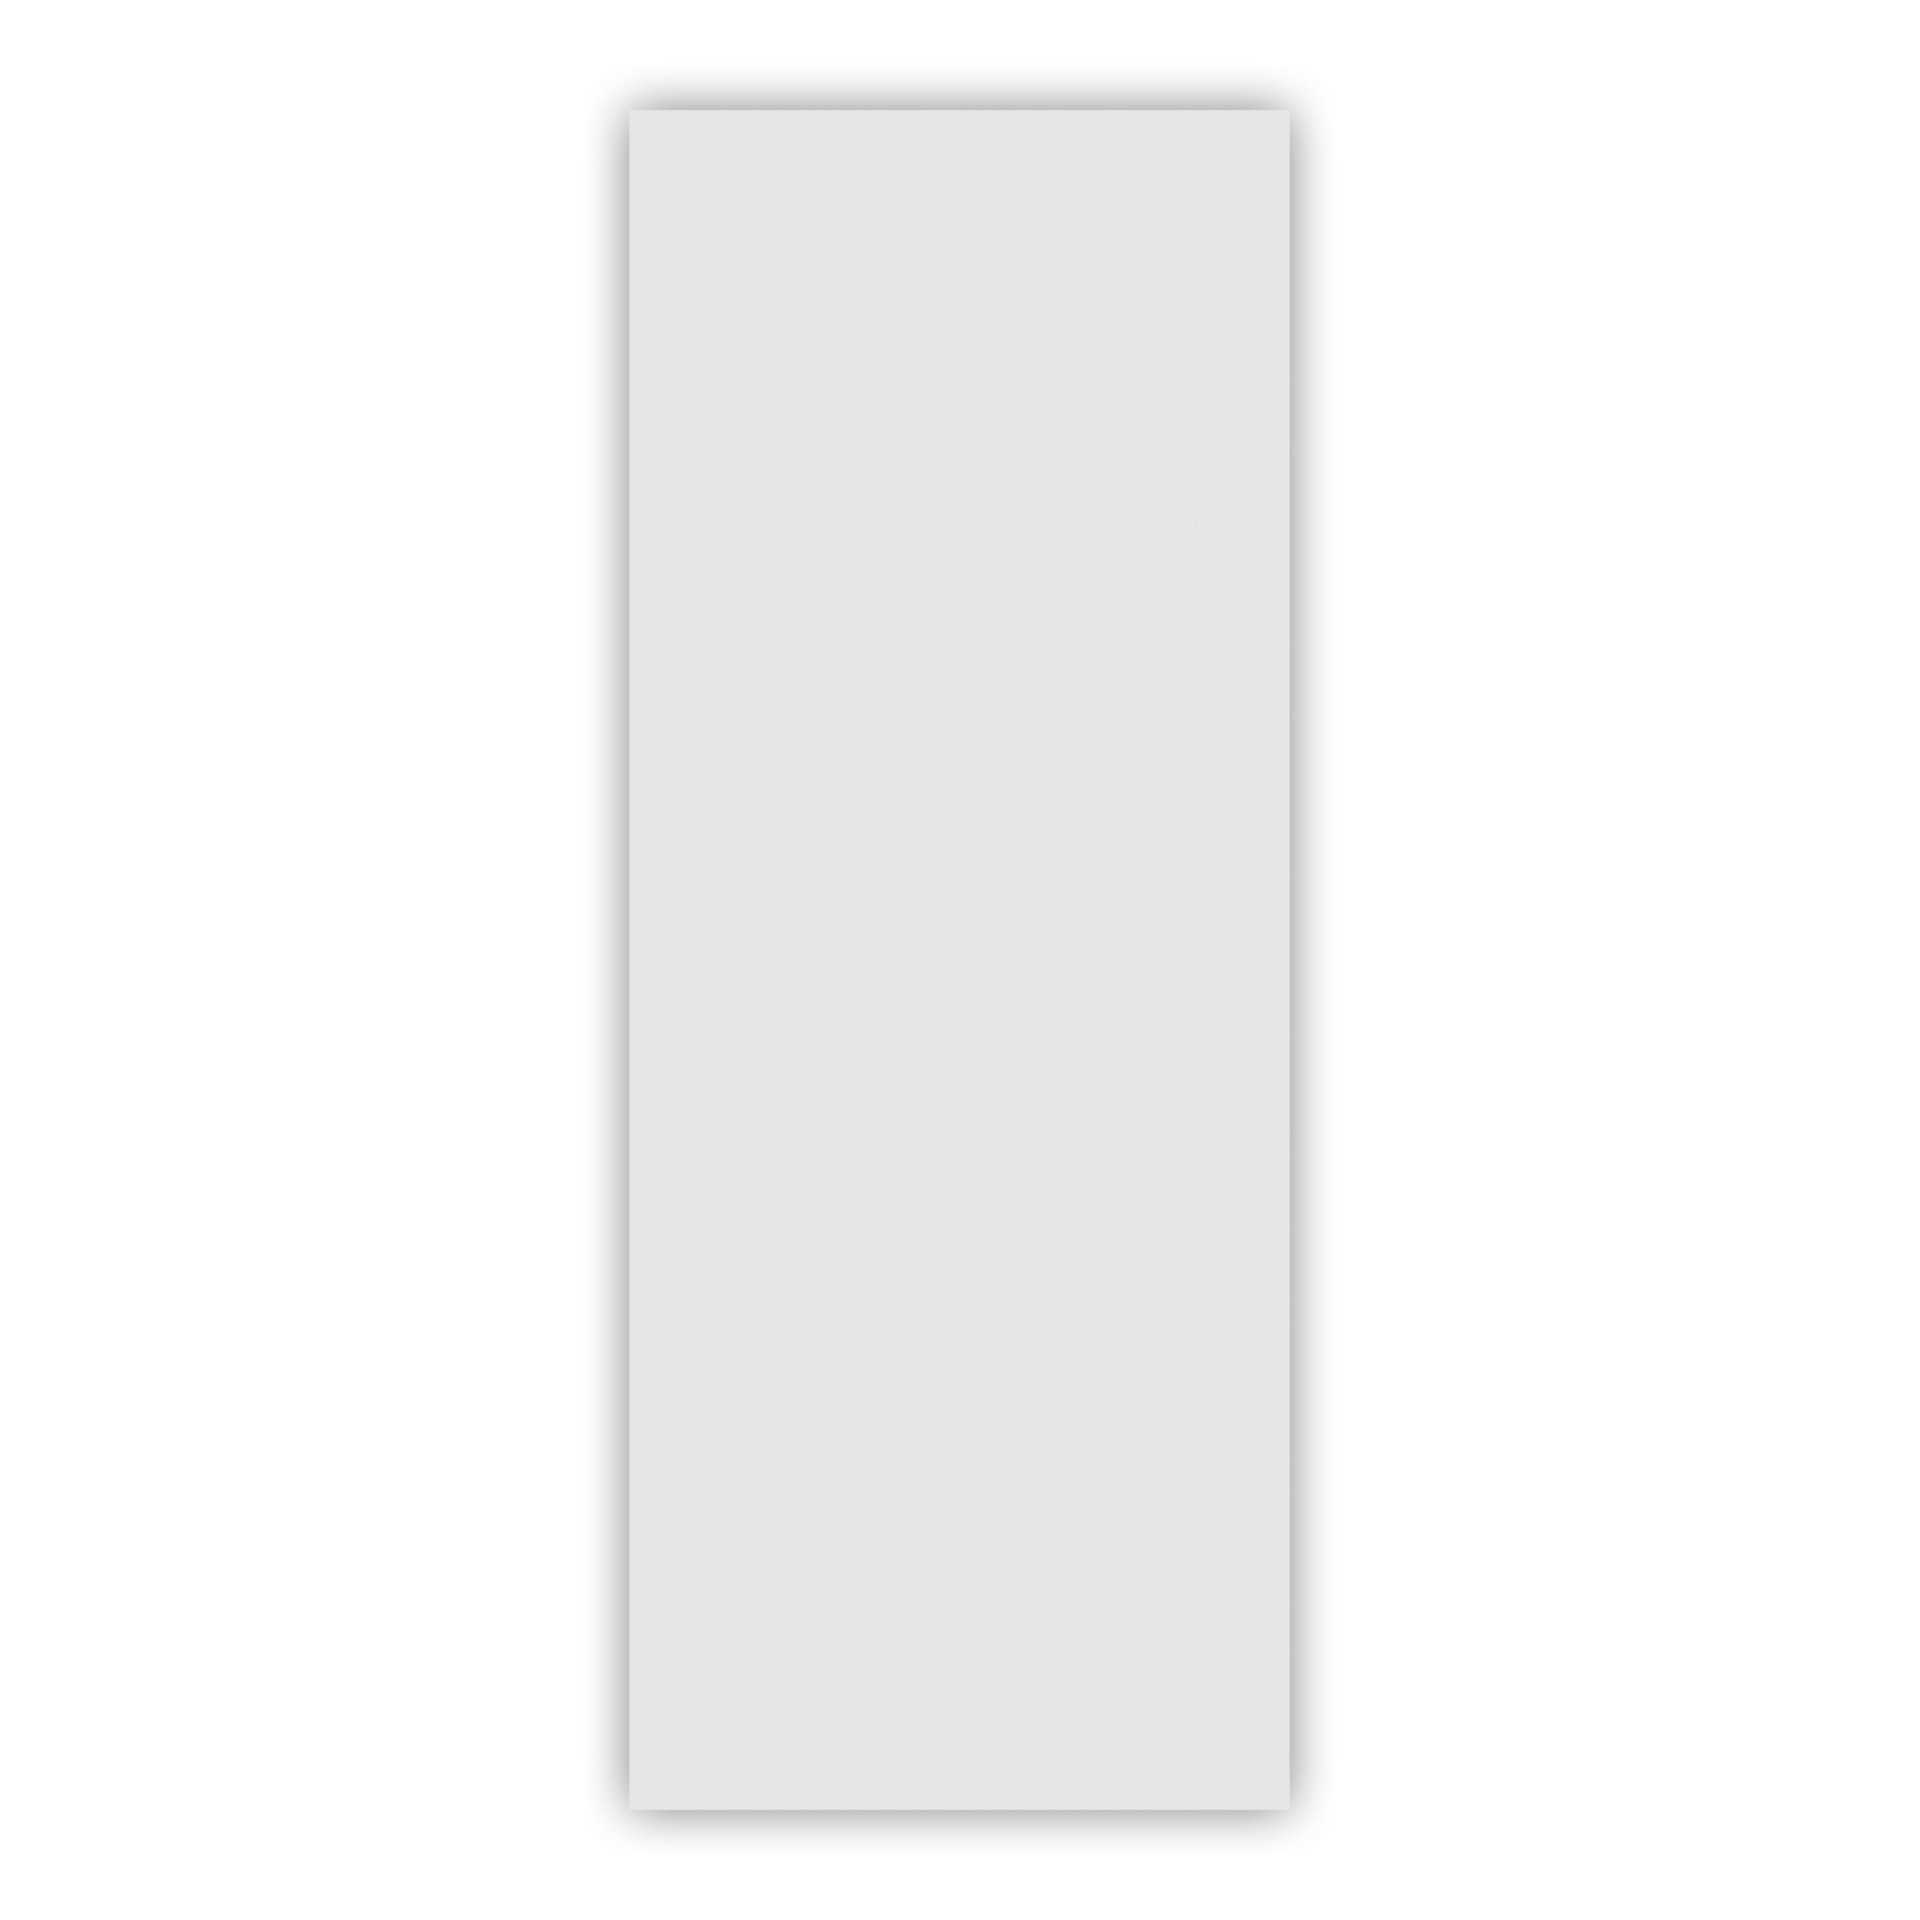 Porta de Madeira Lisa 210 x 90 cm Branca - RQ35 - MGM